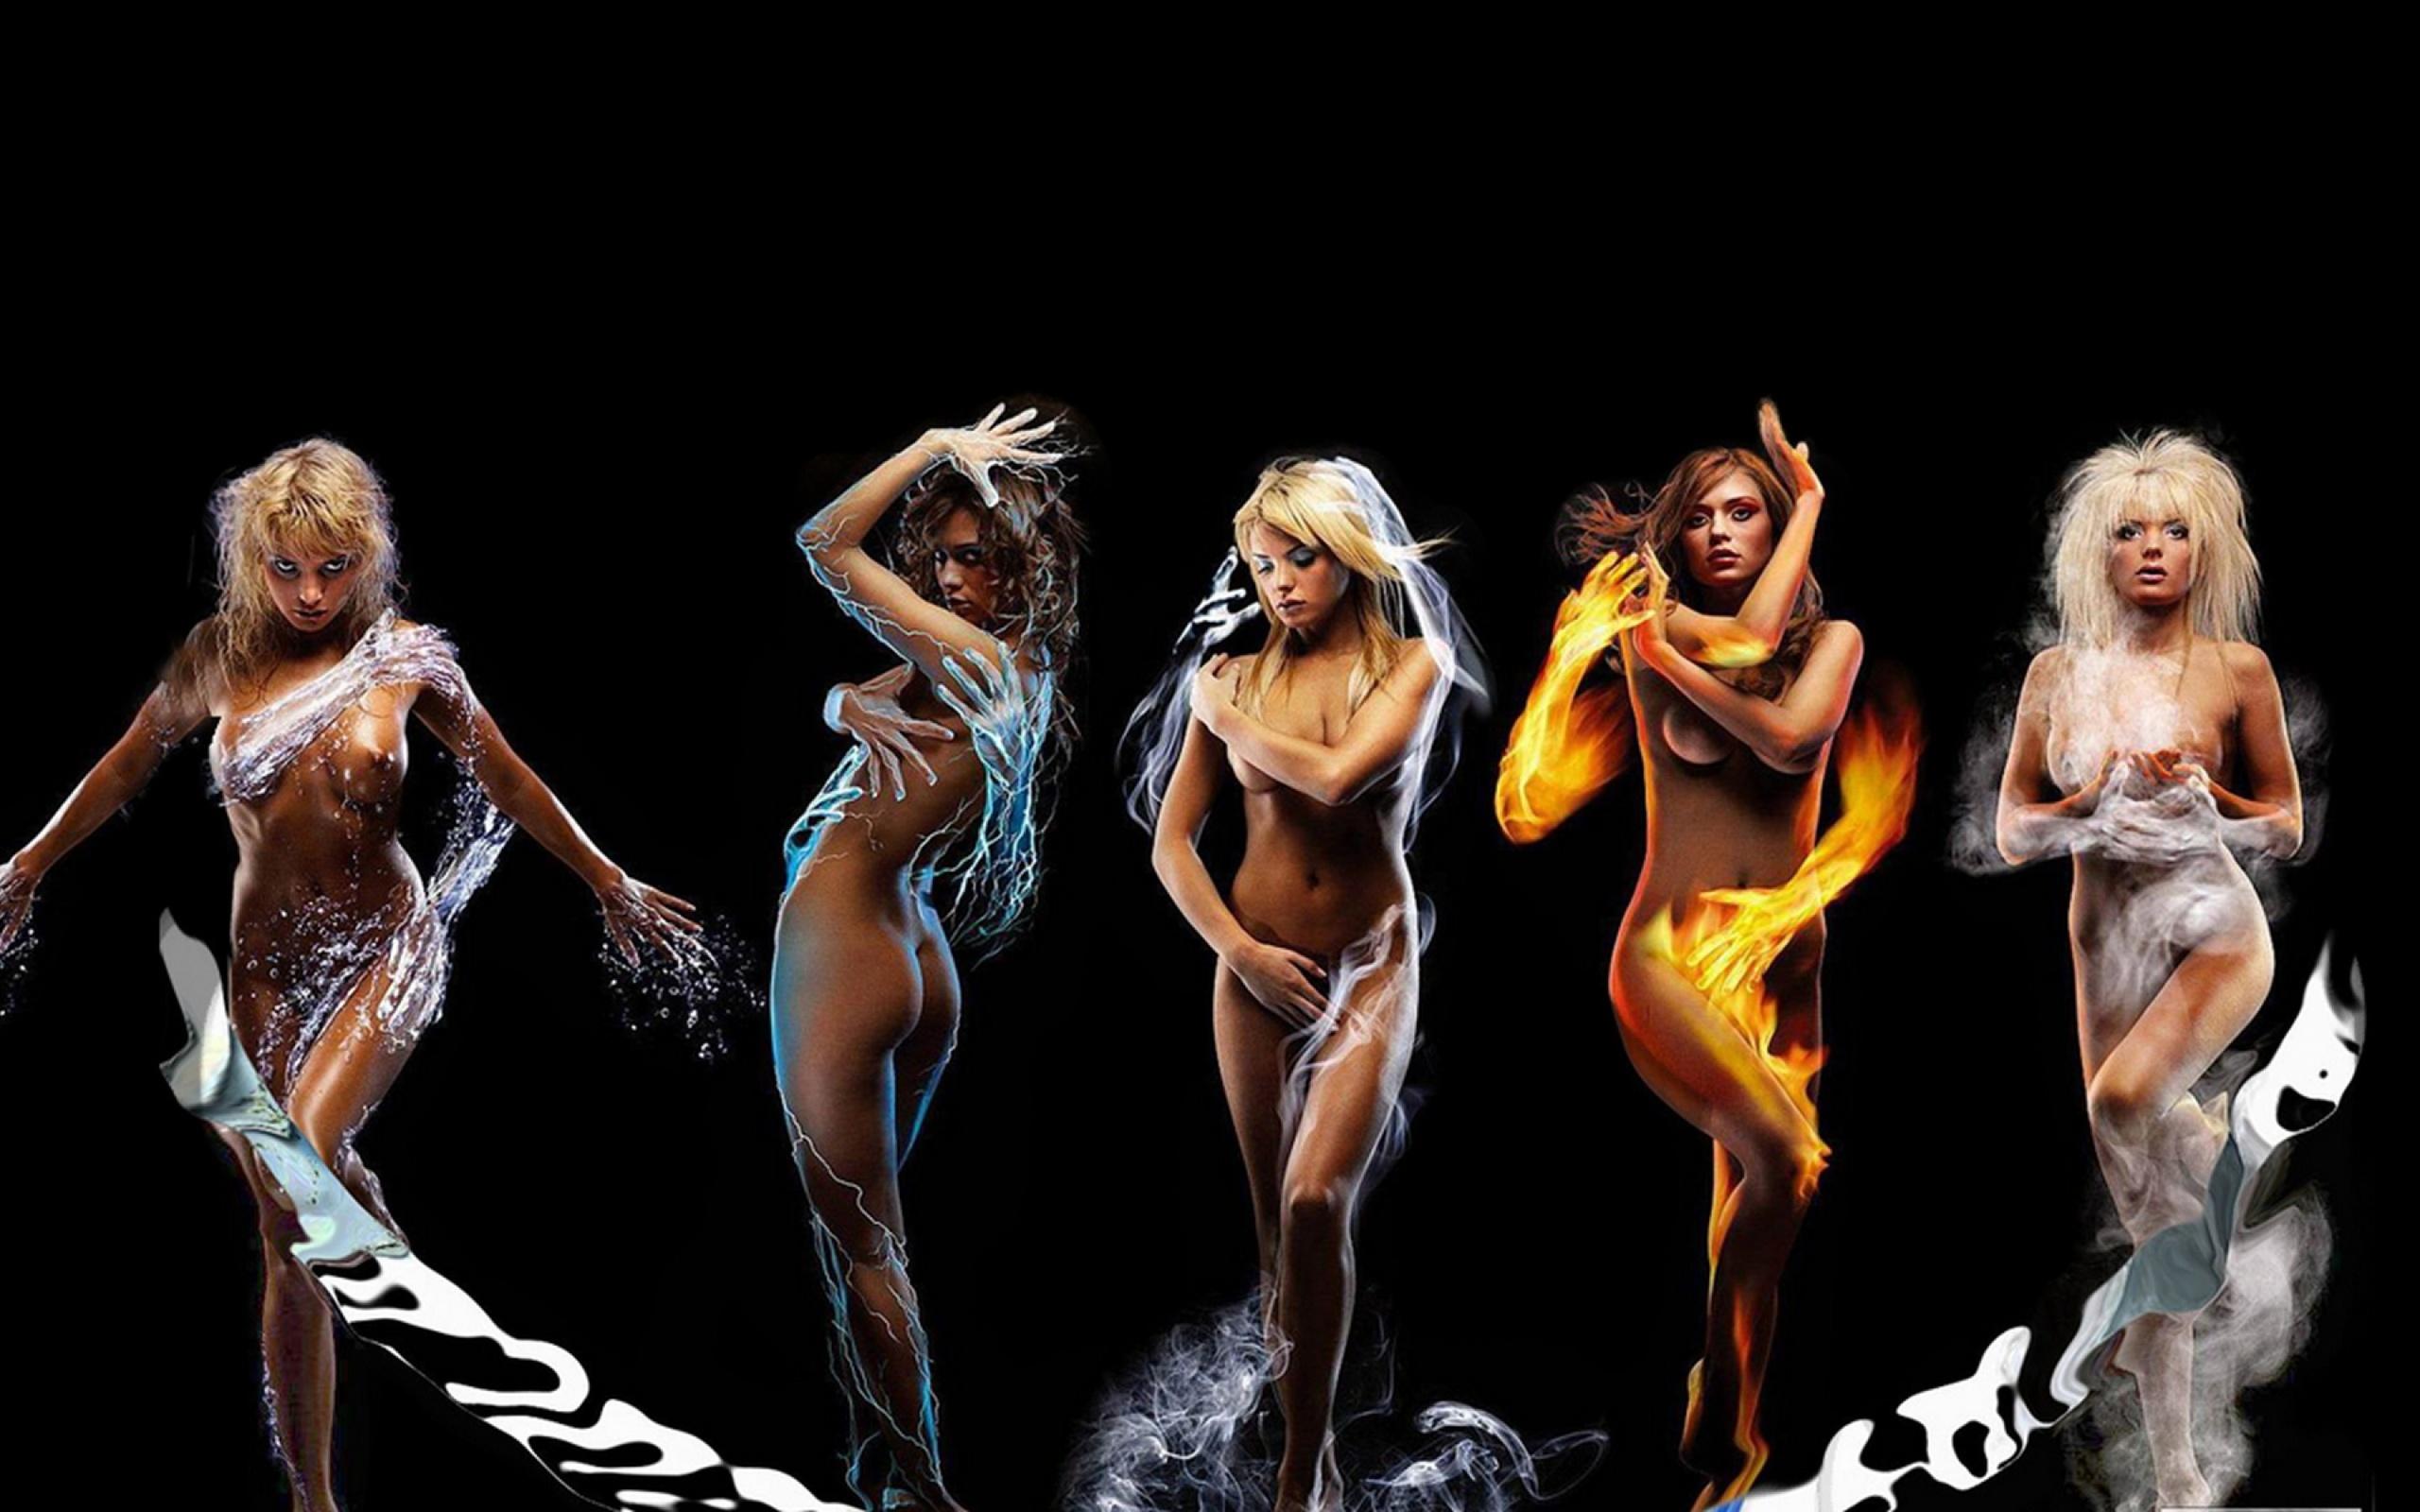 Танцы голых девушек в hd качестве 6 фотография